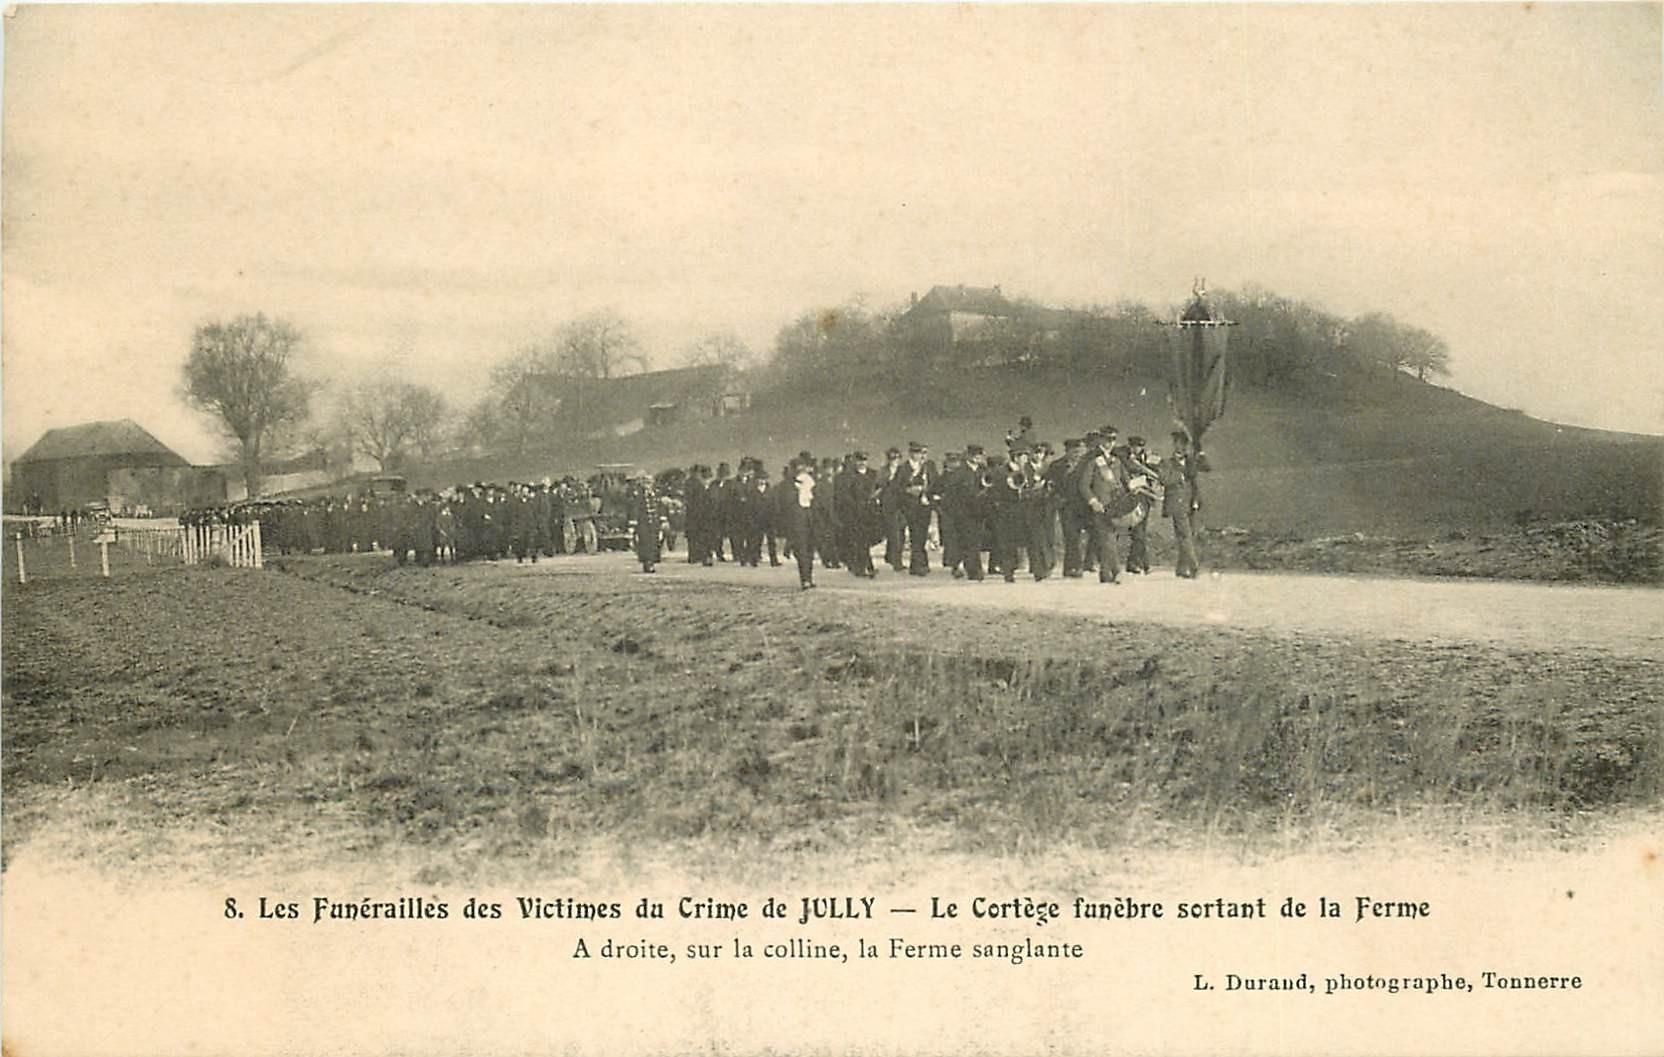 89 LE CRIME DE JULLY. Les Funérailles avec le Cortège funèbre sortant de la Ferme